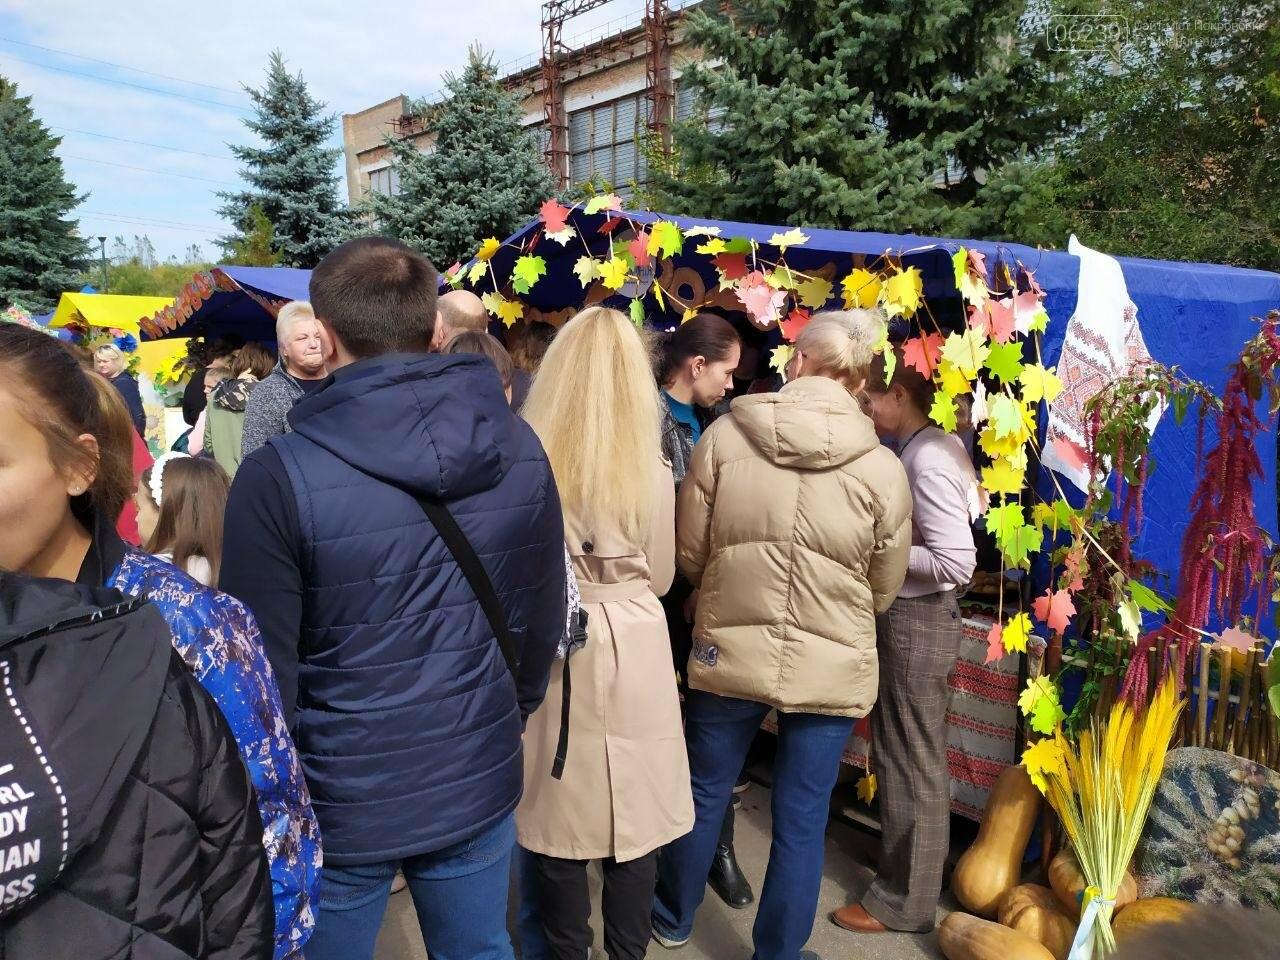 На выходных в Мирнограде состоялся яркий и масштабный праздник «Мирноградская осень» - фотоотчет , фото-4